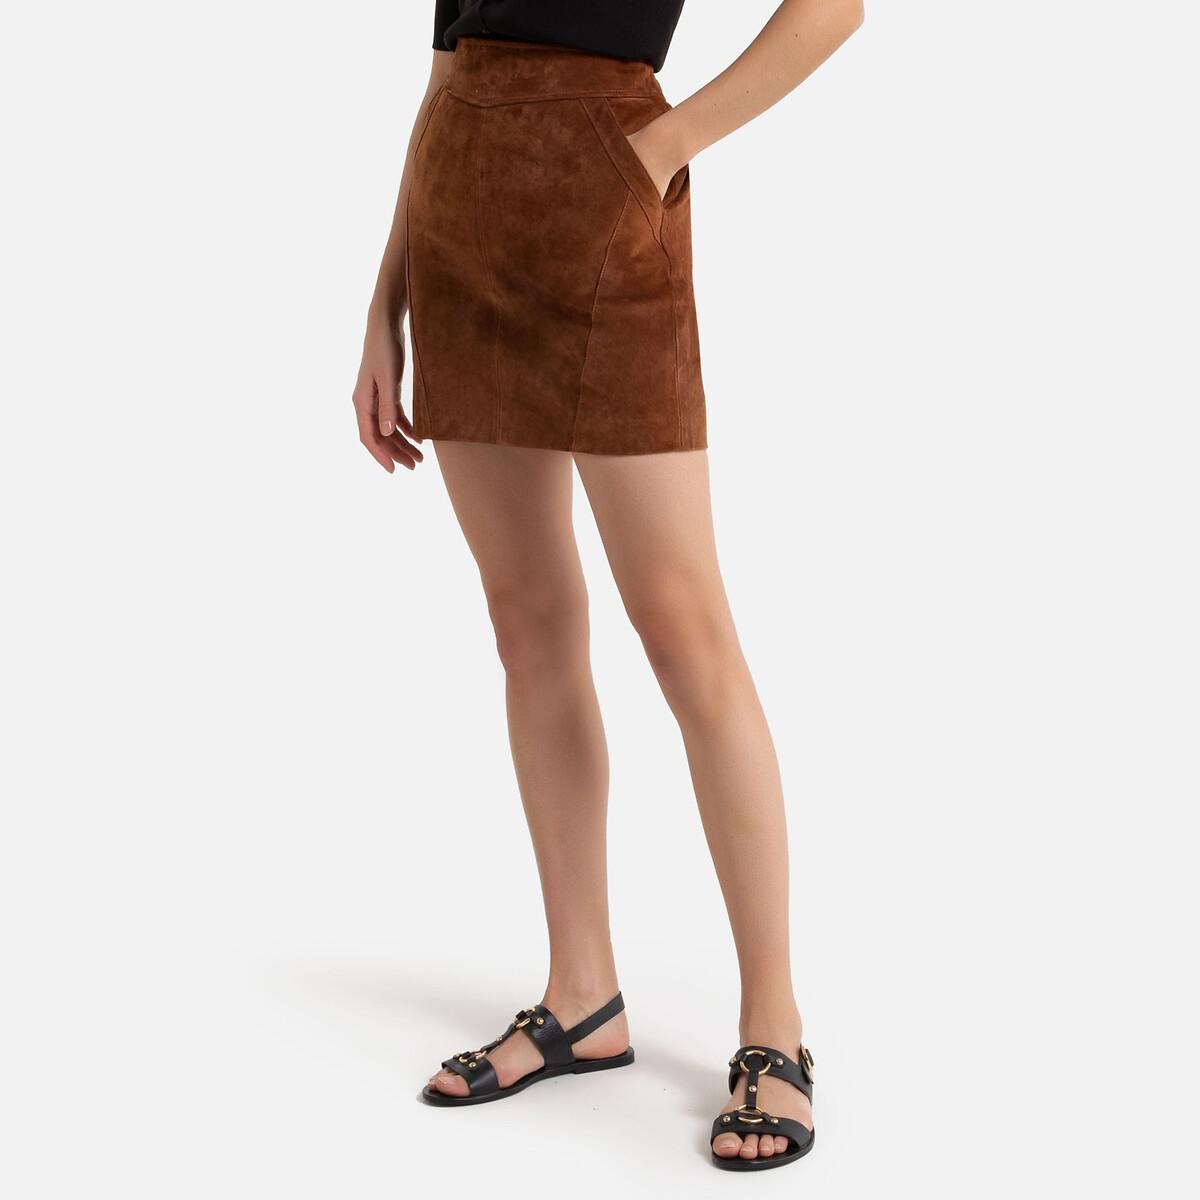 Юбка La Redoute Короткая прямая из спилка кожи 38 (FR) - 44 (RUS) каштановый юбка la redoute короткая прямая из ткани с пропиткой 40 fr 46 rus черный